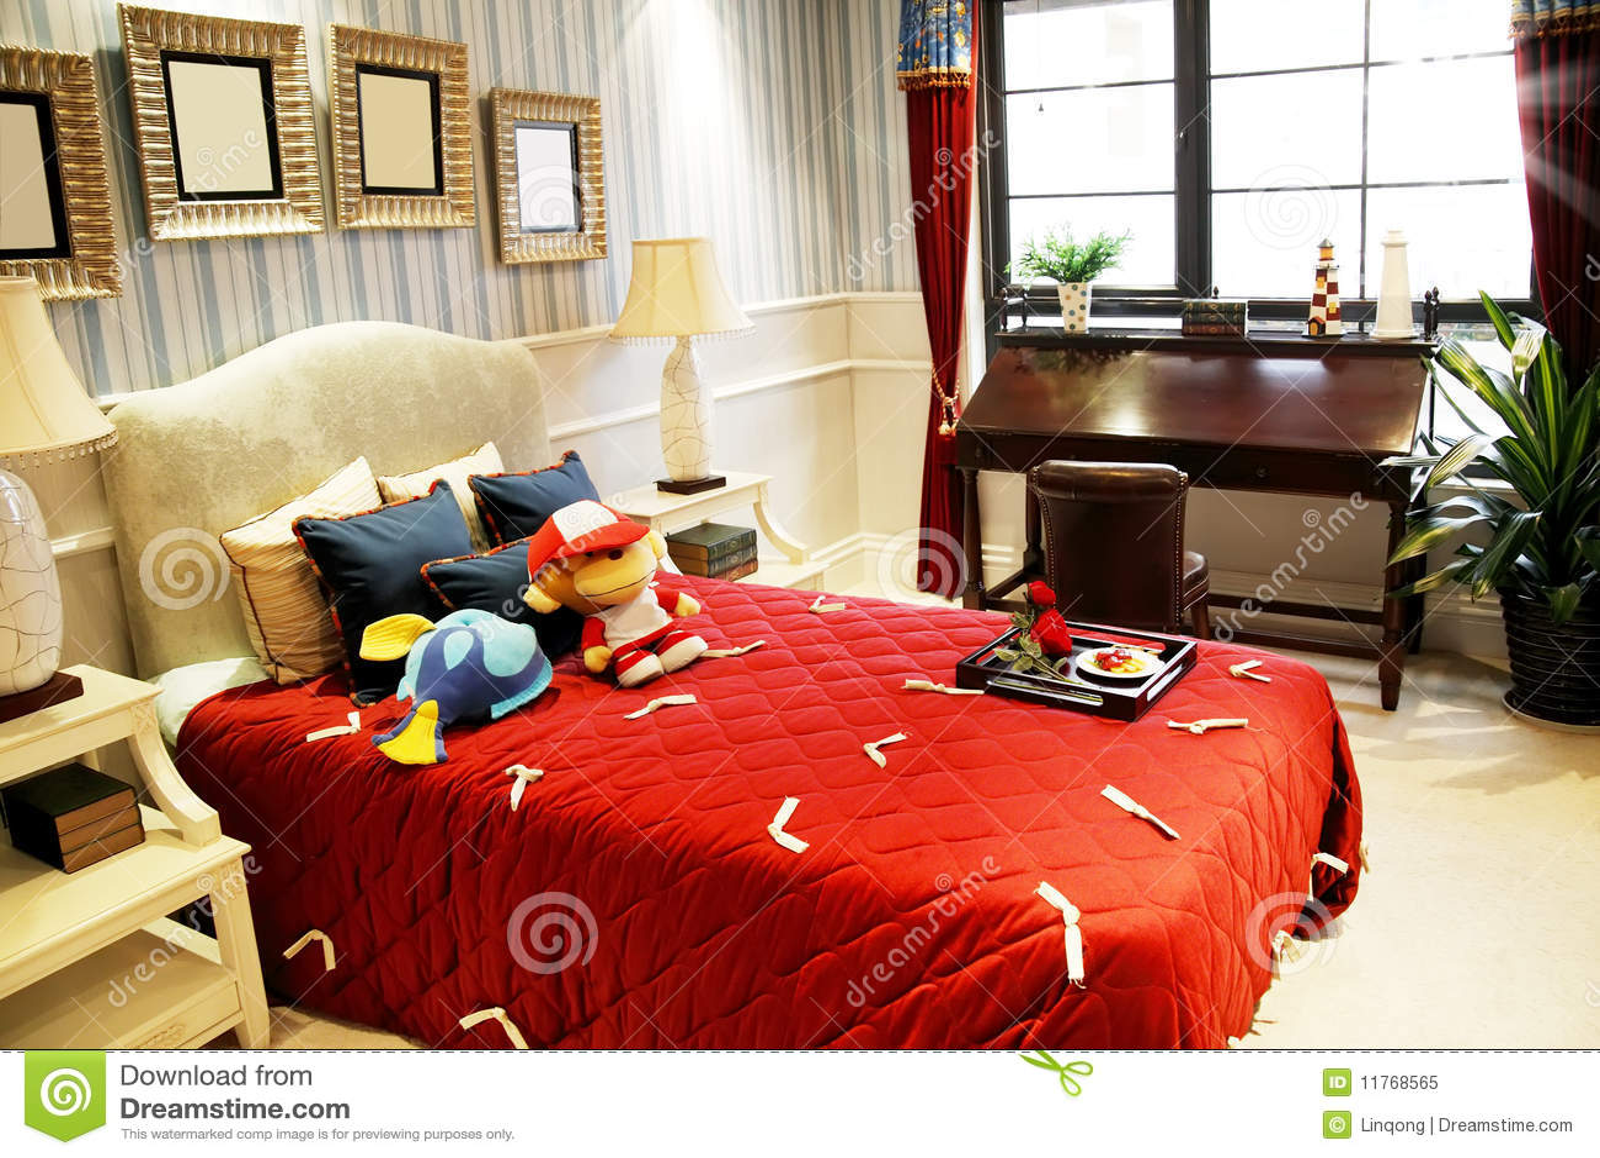 De slaapkamer van het meisje stock afbeelding afbeelding 11768565 - Slaapkamer van een meisje ...